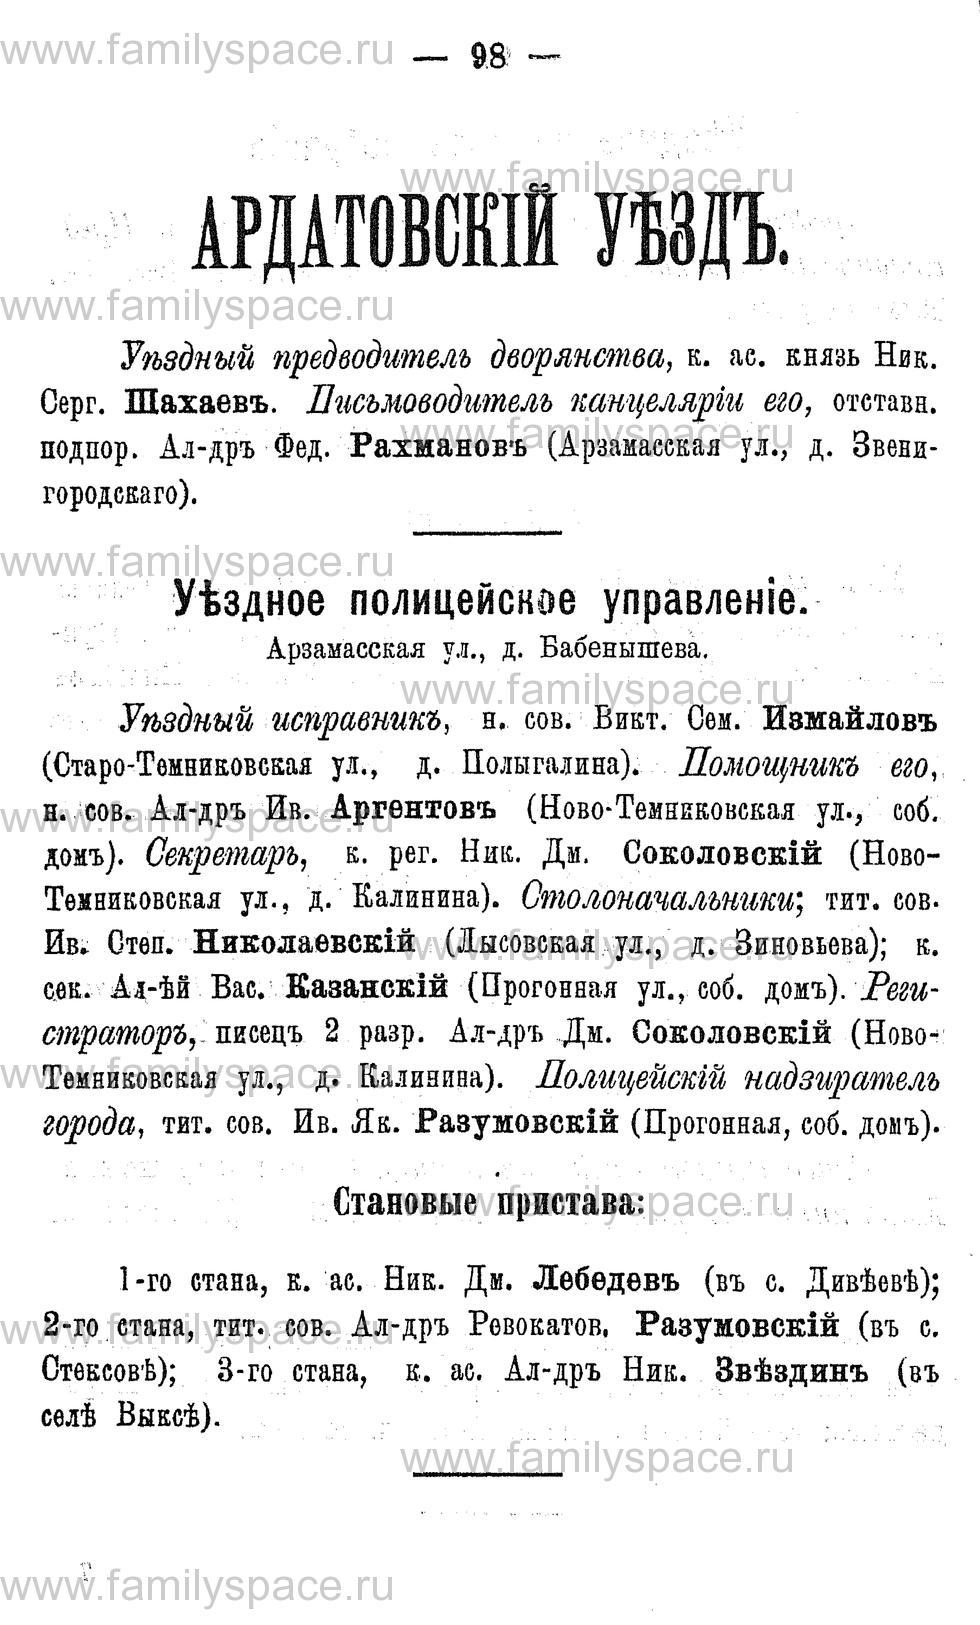 Поиск по фамилии - Адрес-календарь Нижегородской губернии на 1891 год, страница 98